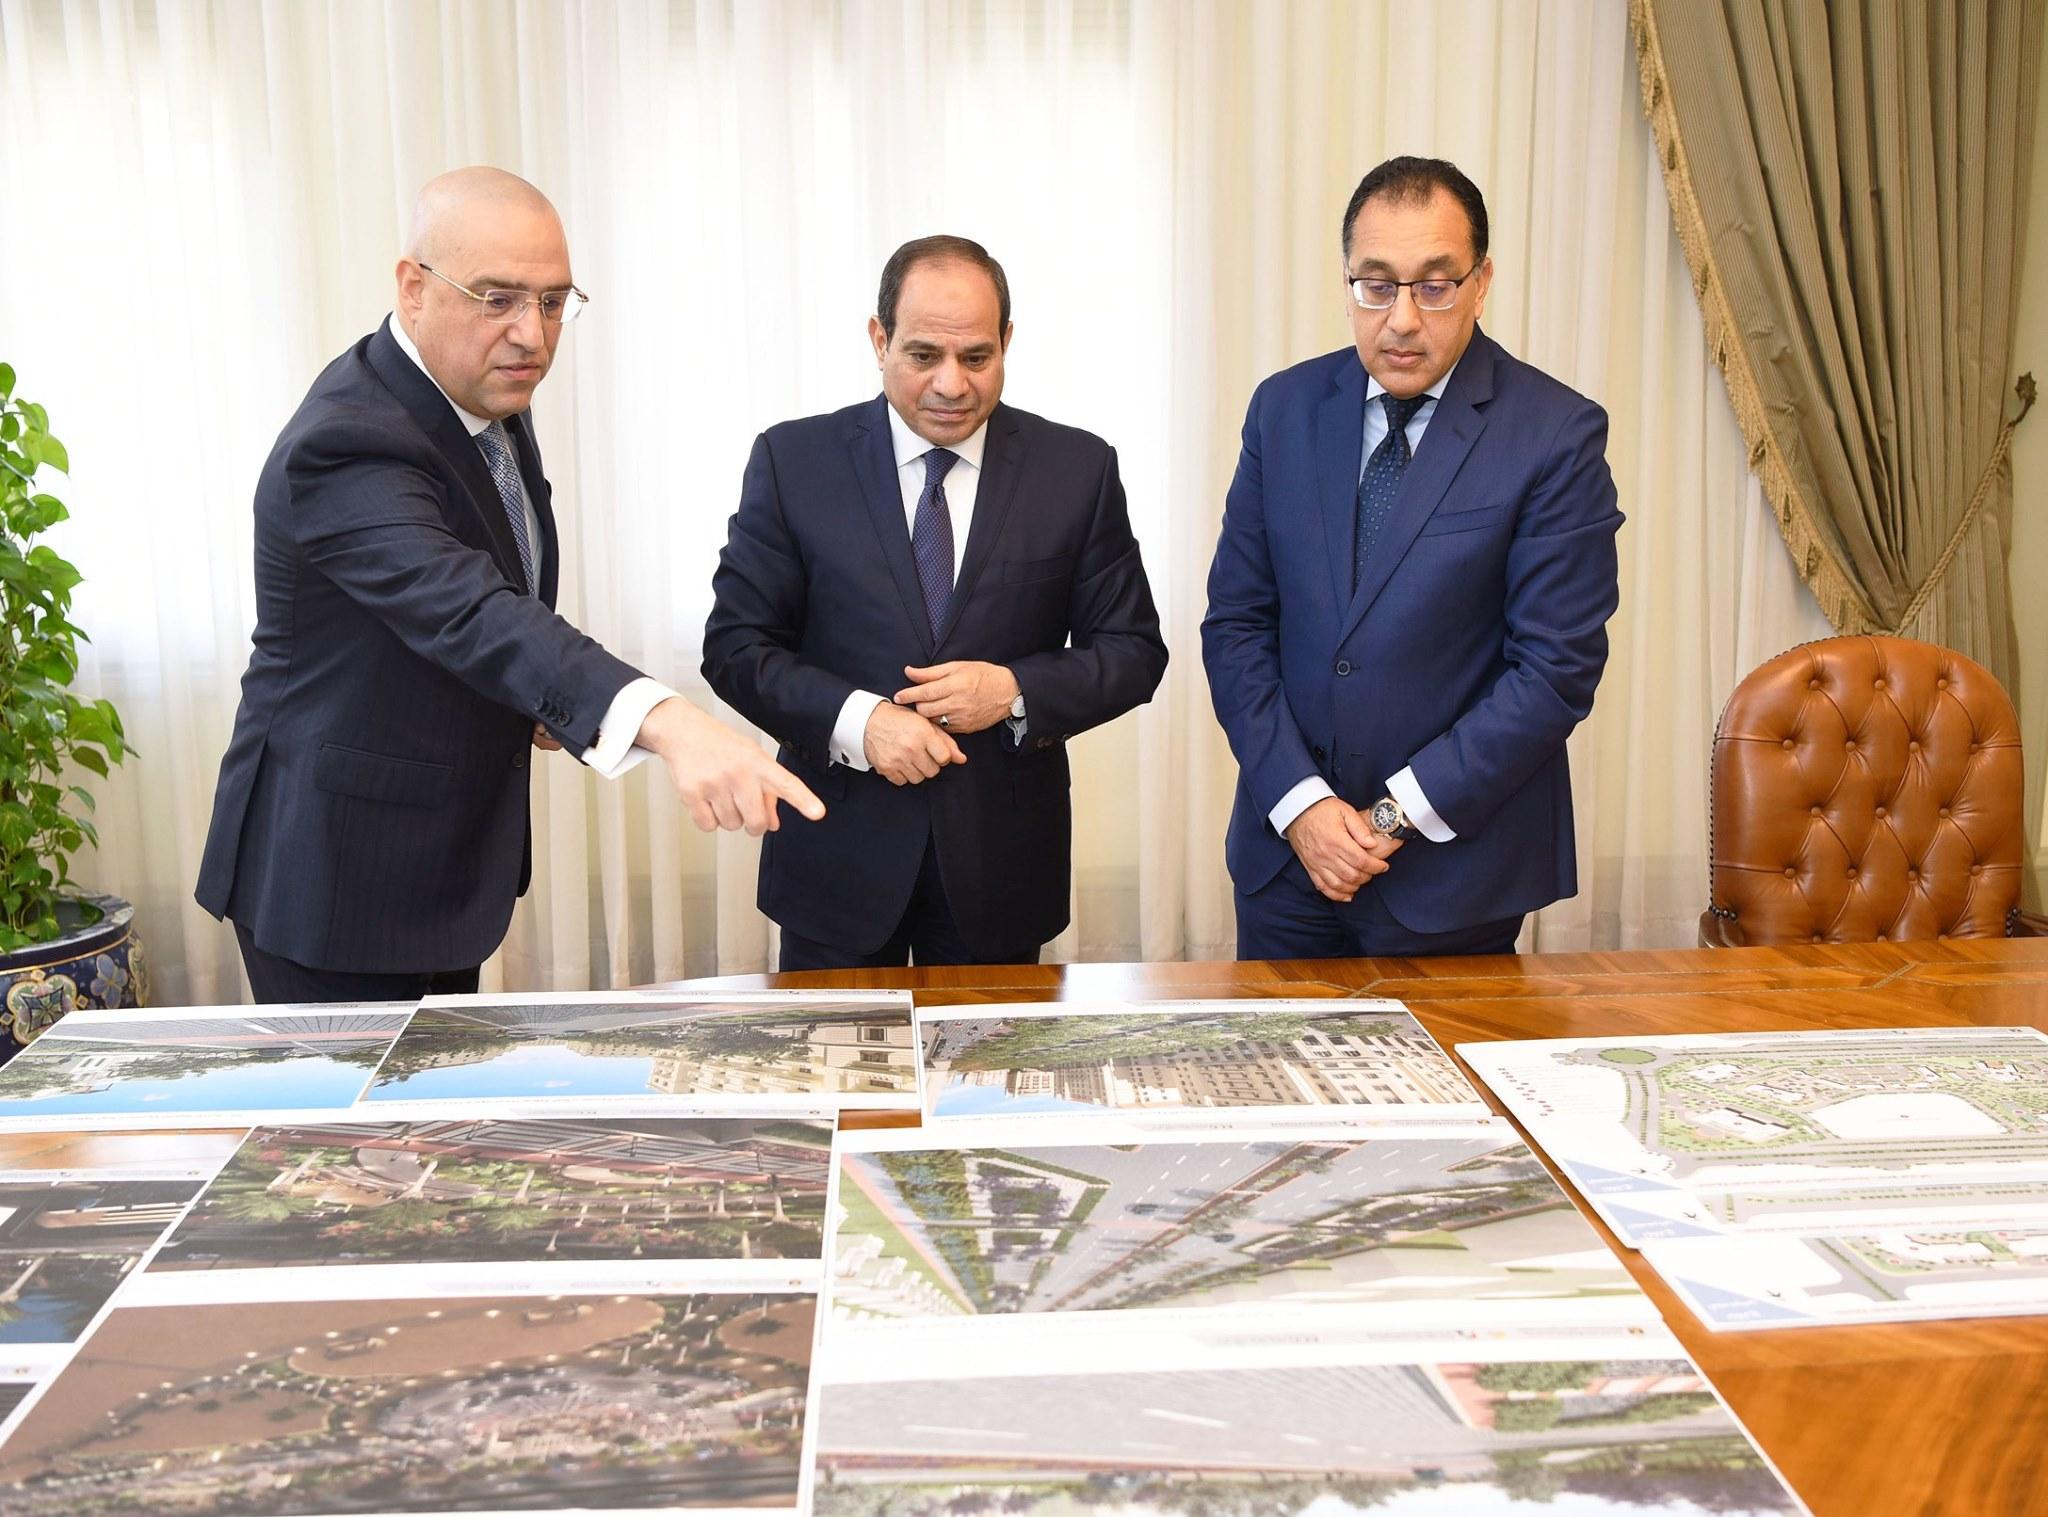 صور | الرئيس السيسي يوجه بالانتهاء من مشروعات الإسكان وفق الجداول الزمنية المقررة